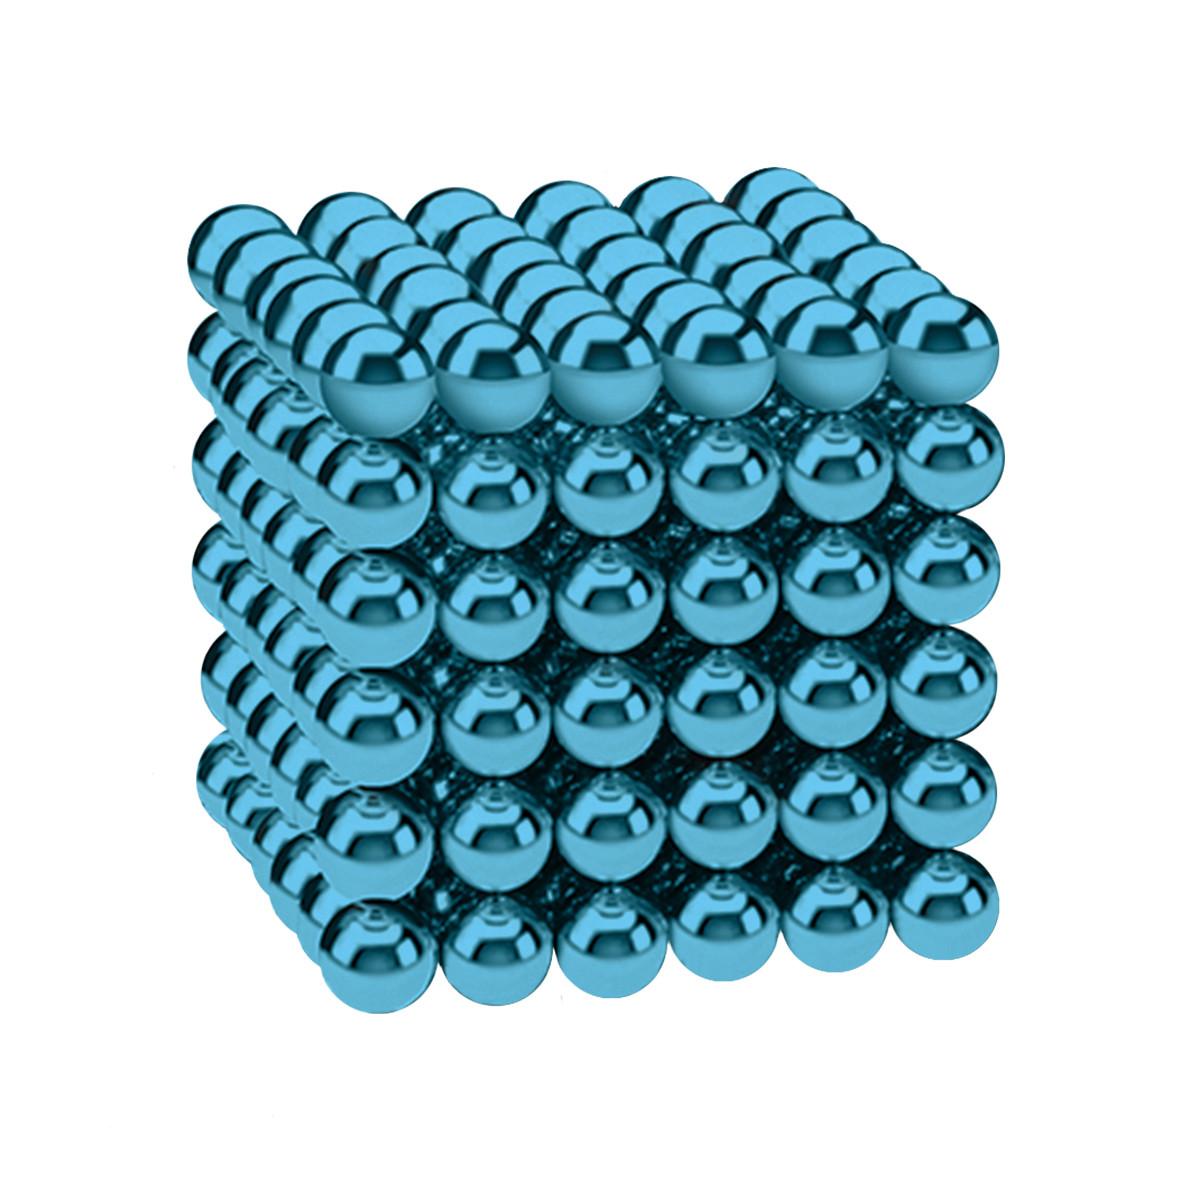 Магнитные шарики-головоломка SKY NEOCUBE (D5) комплект (216 шт) Sky Blue